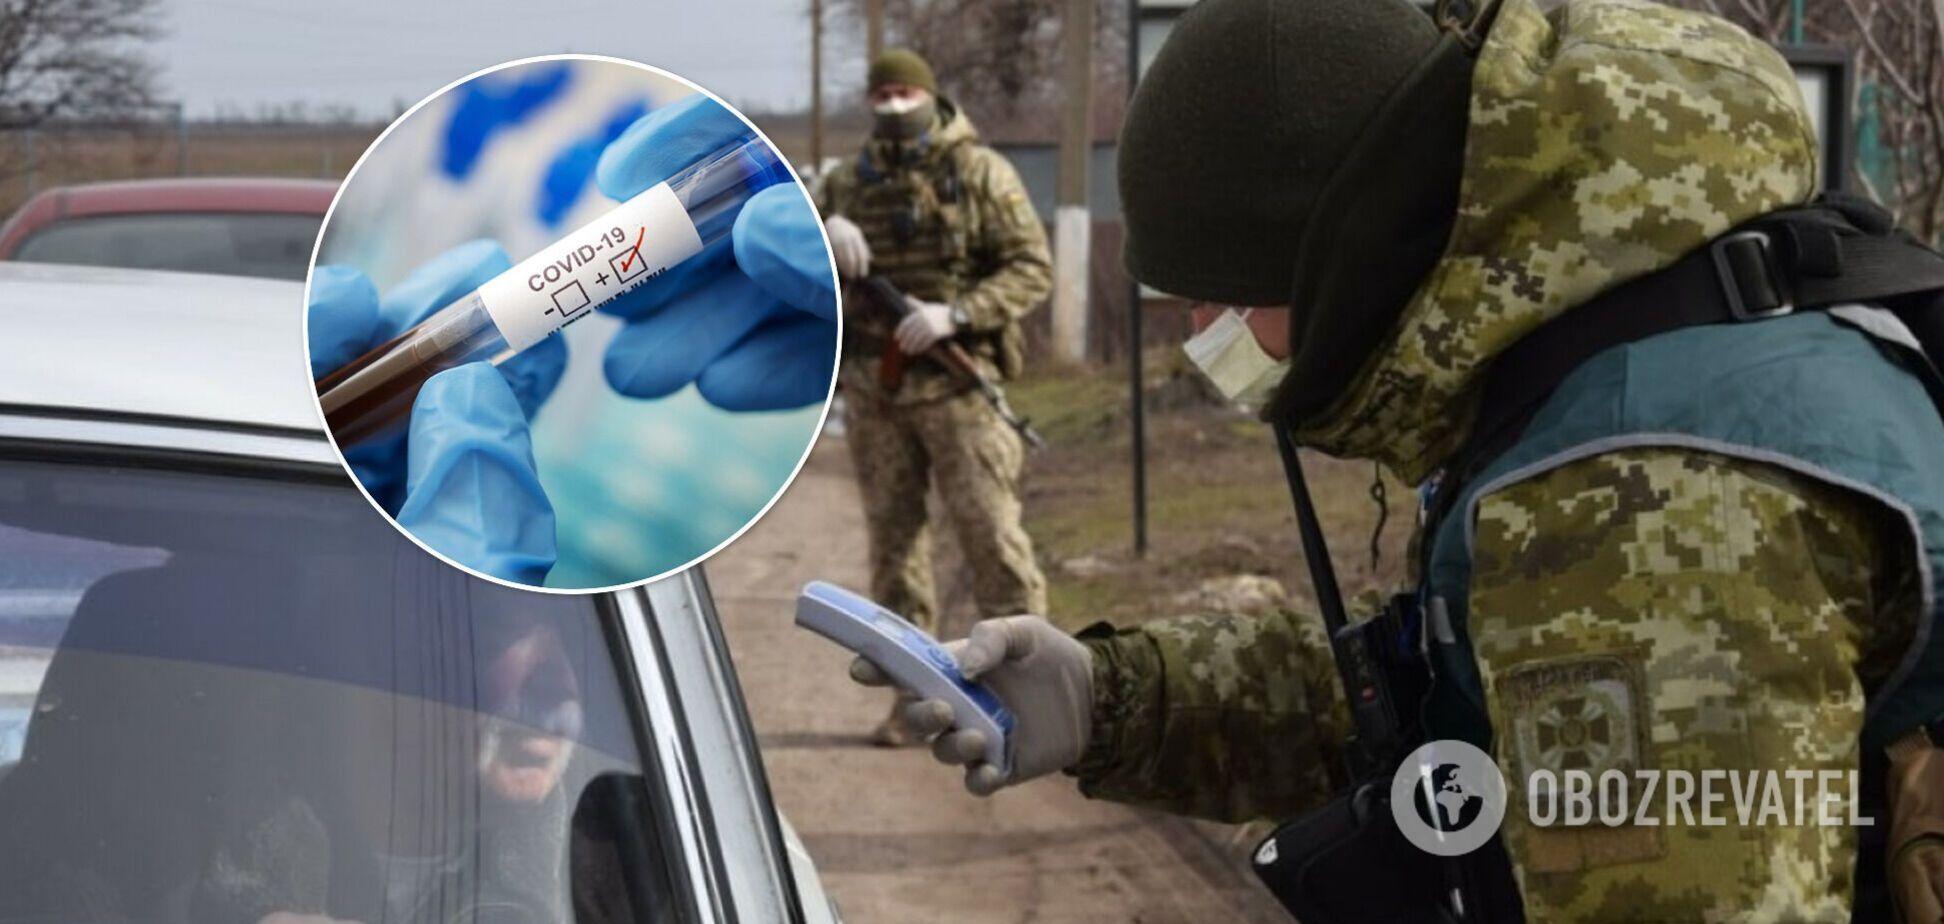 Жителів Донбасу COVID-19 лякає більше, ніж війна, – Гармаш